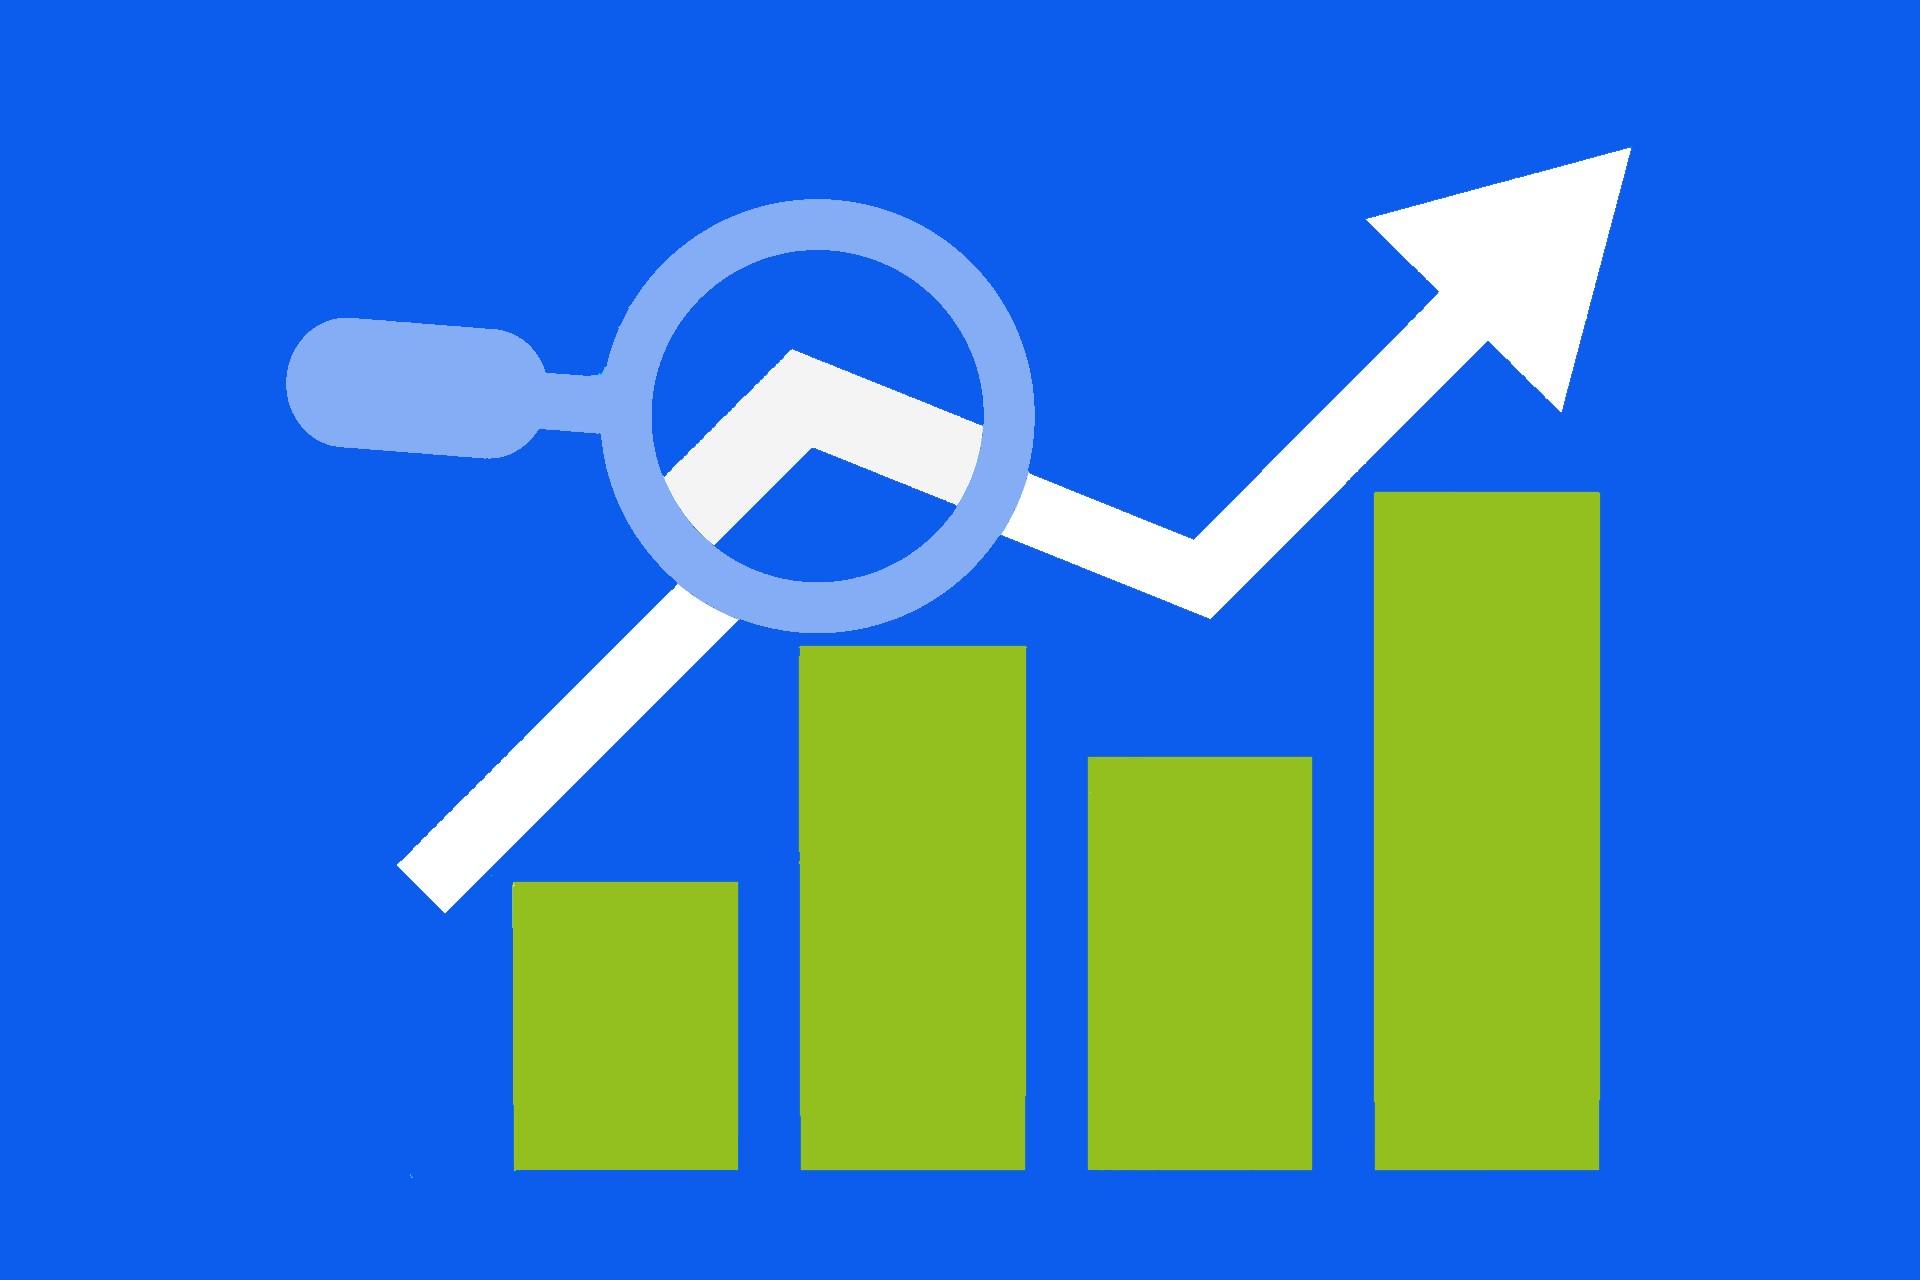 Belang van Google Analytics